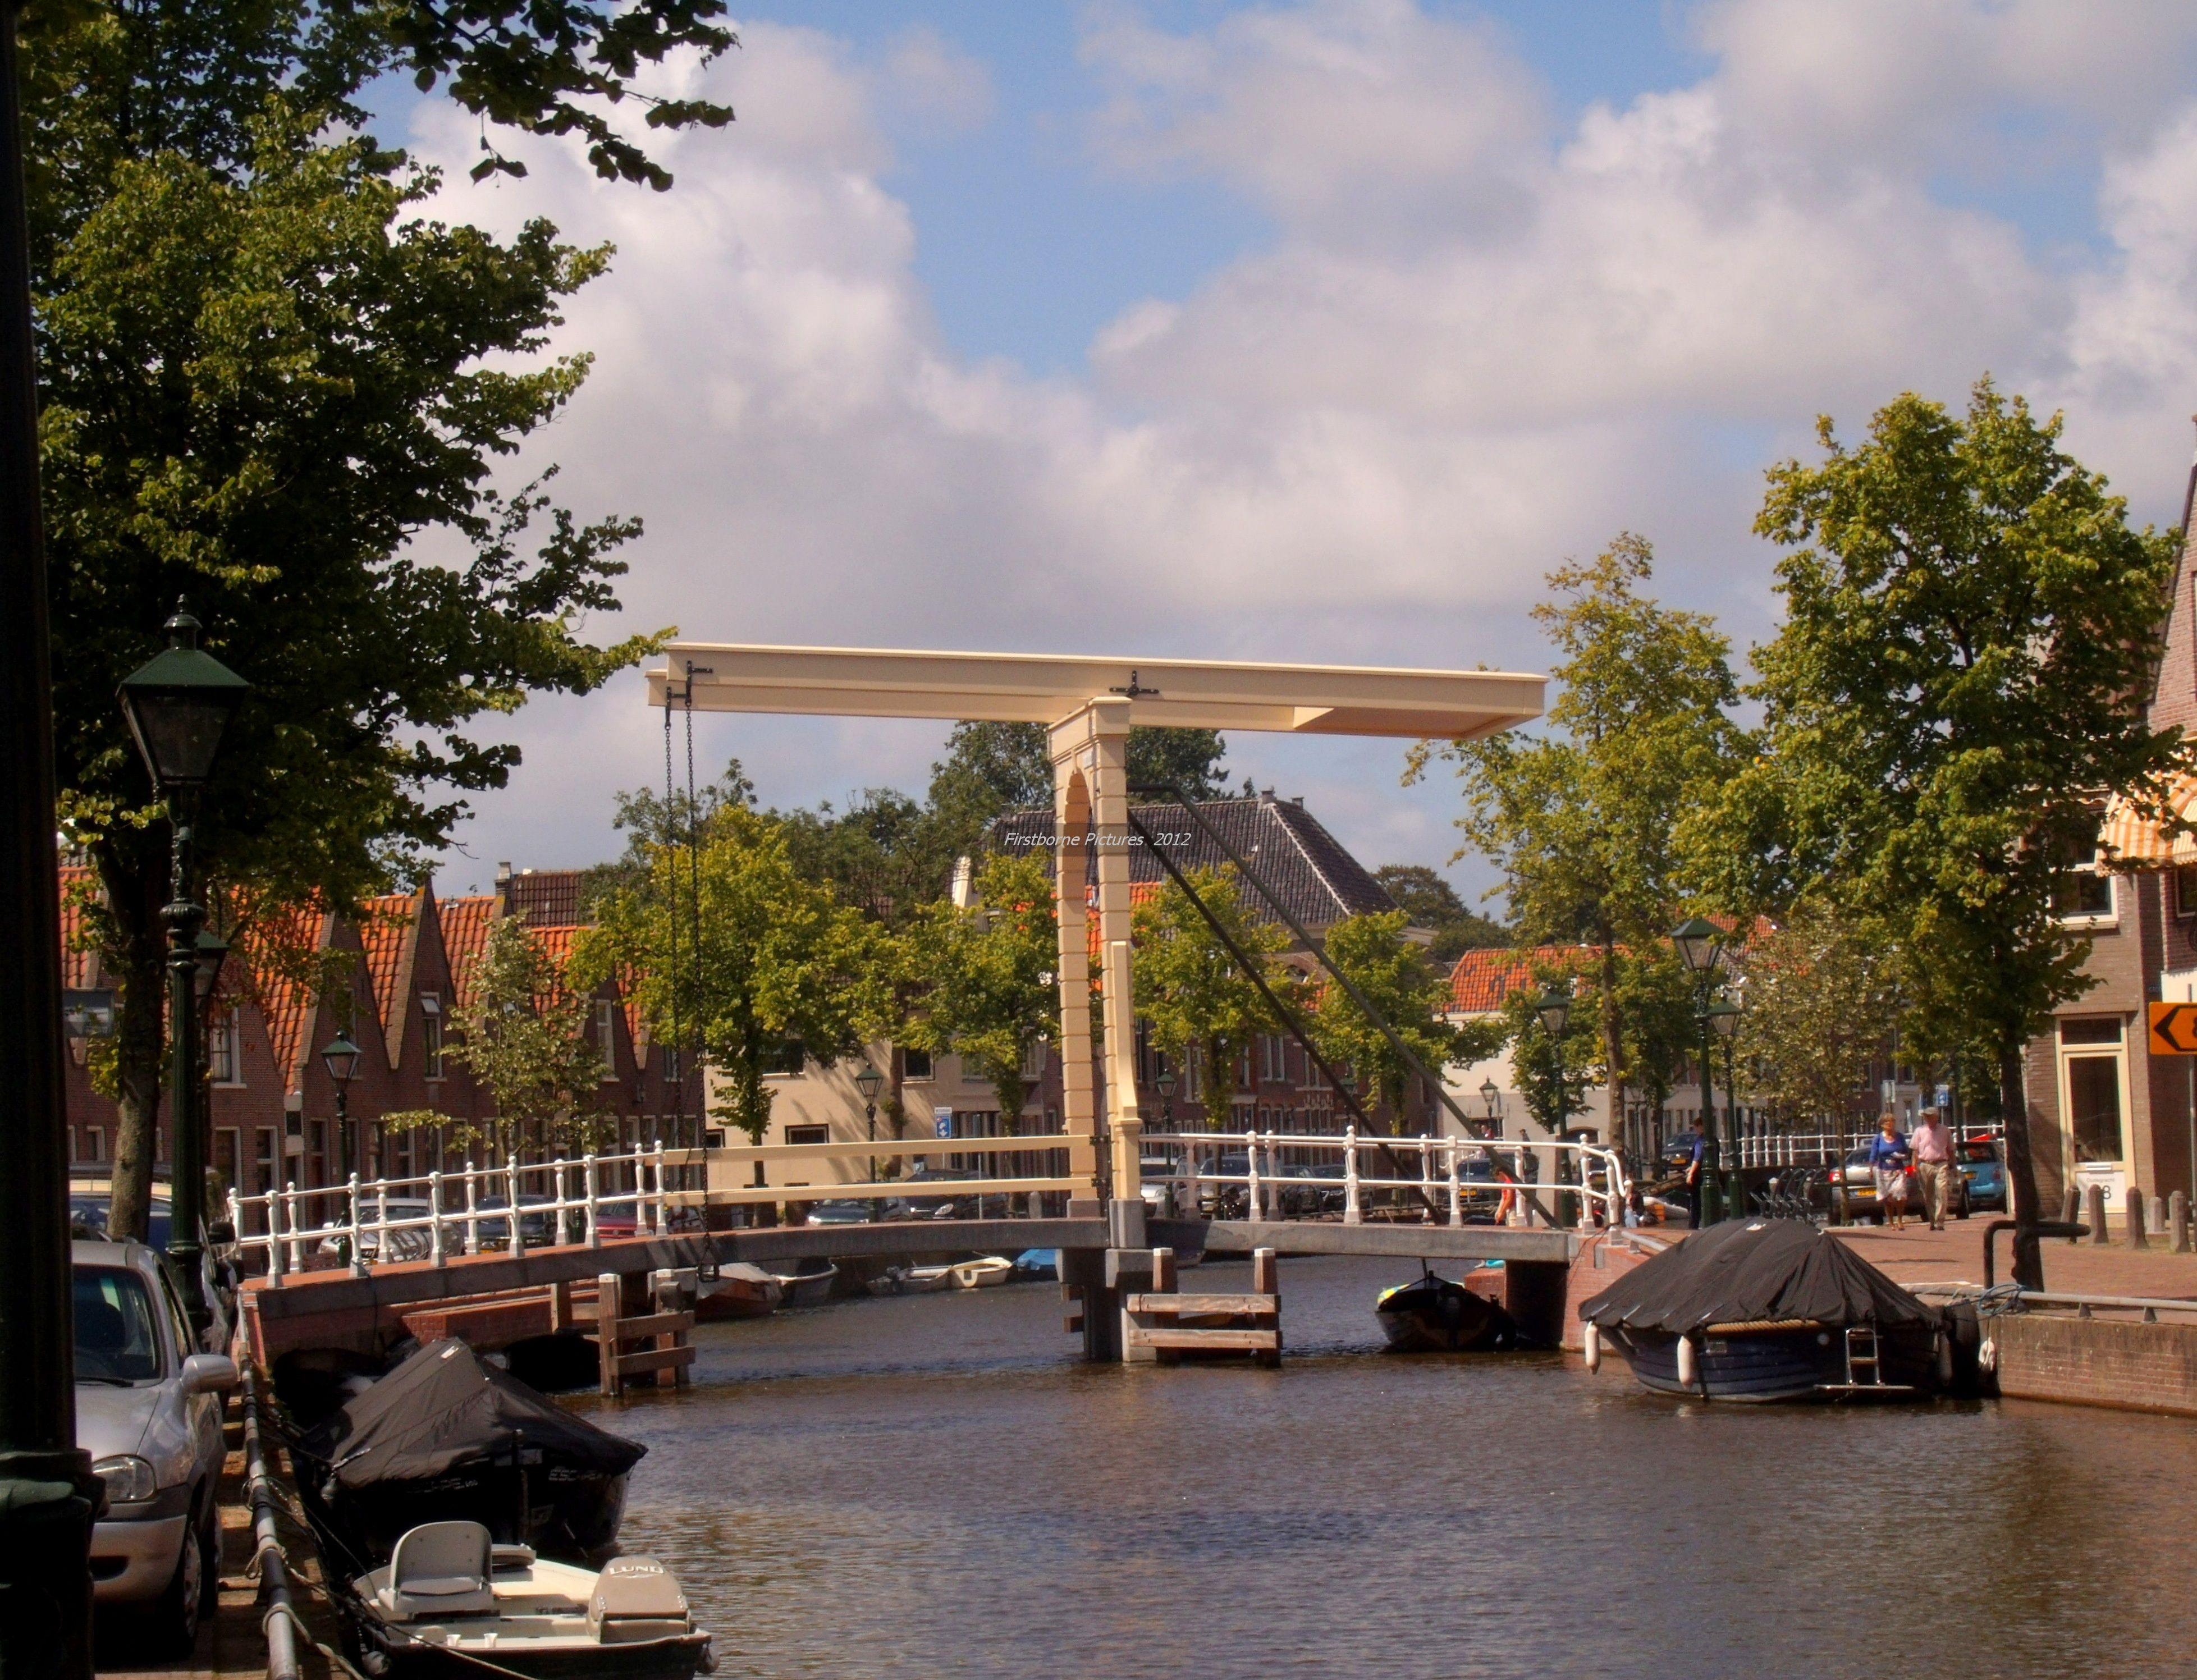 Alkmaar Netherlands  city photo : Alkmaar Netherlands | Bridges, Viaducts | Pinterest